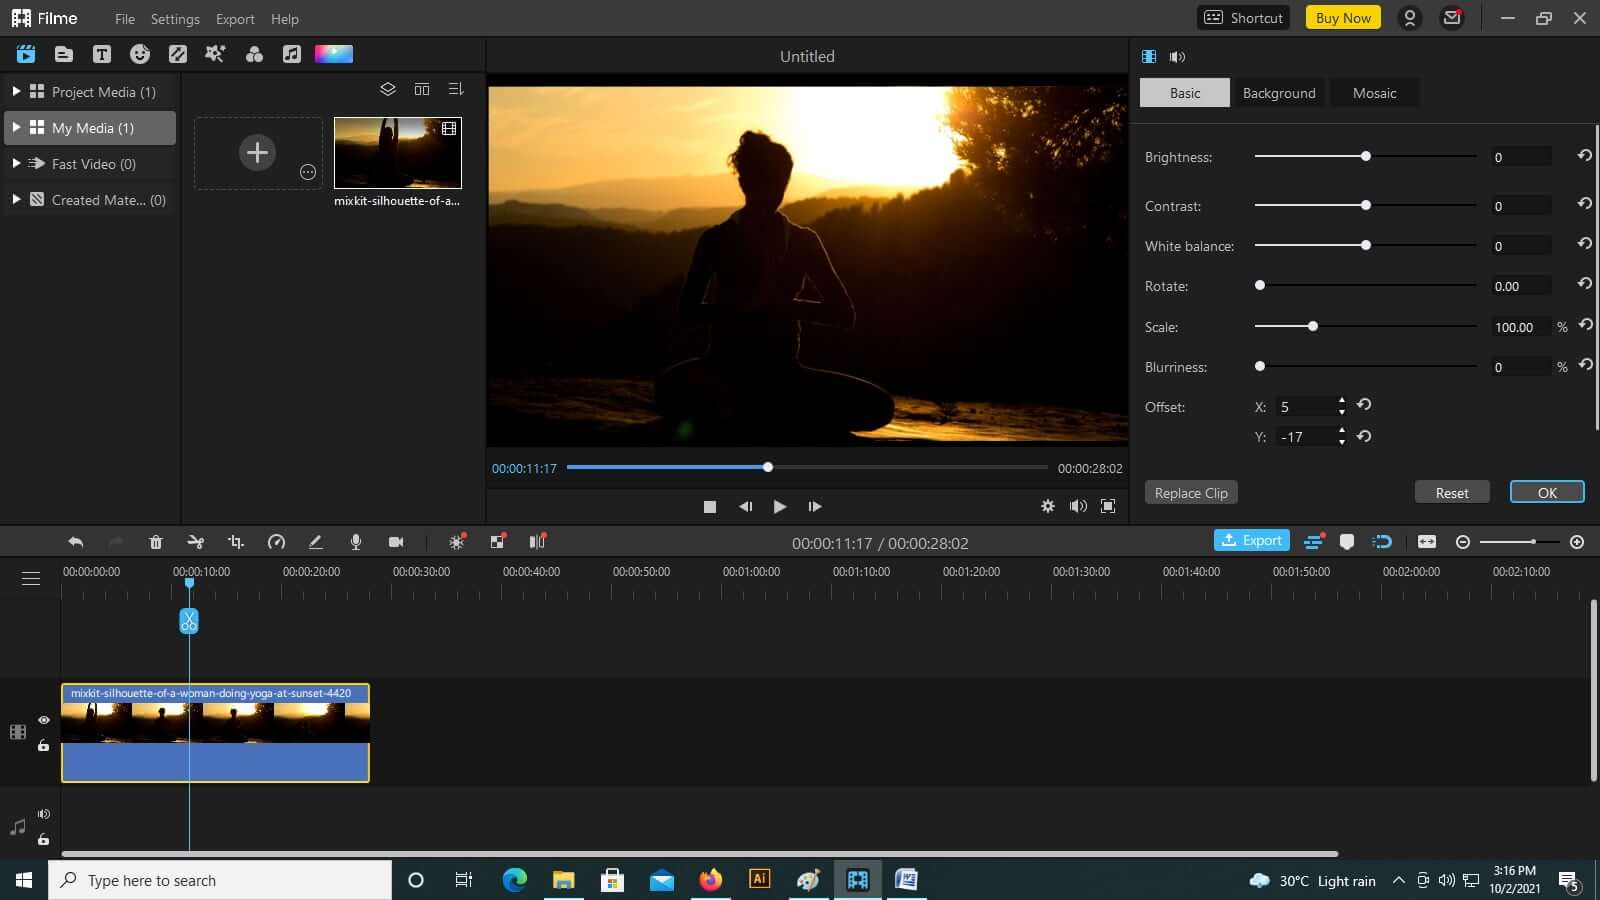 imyFone-filme-media-blur